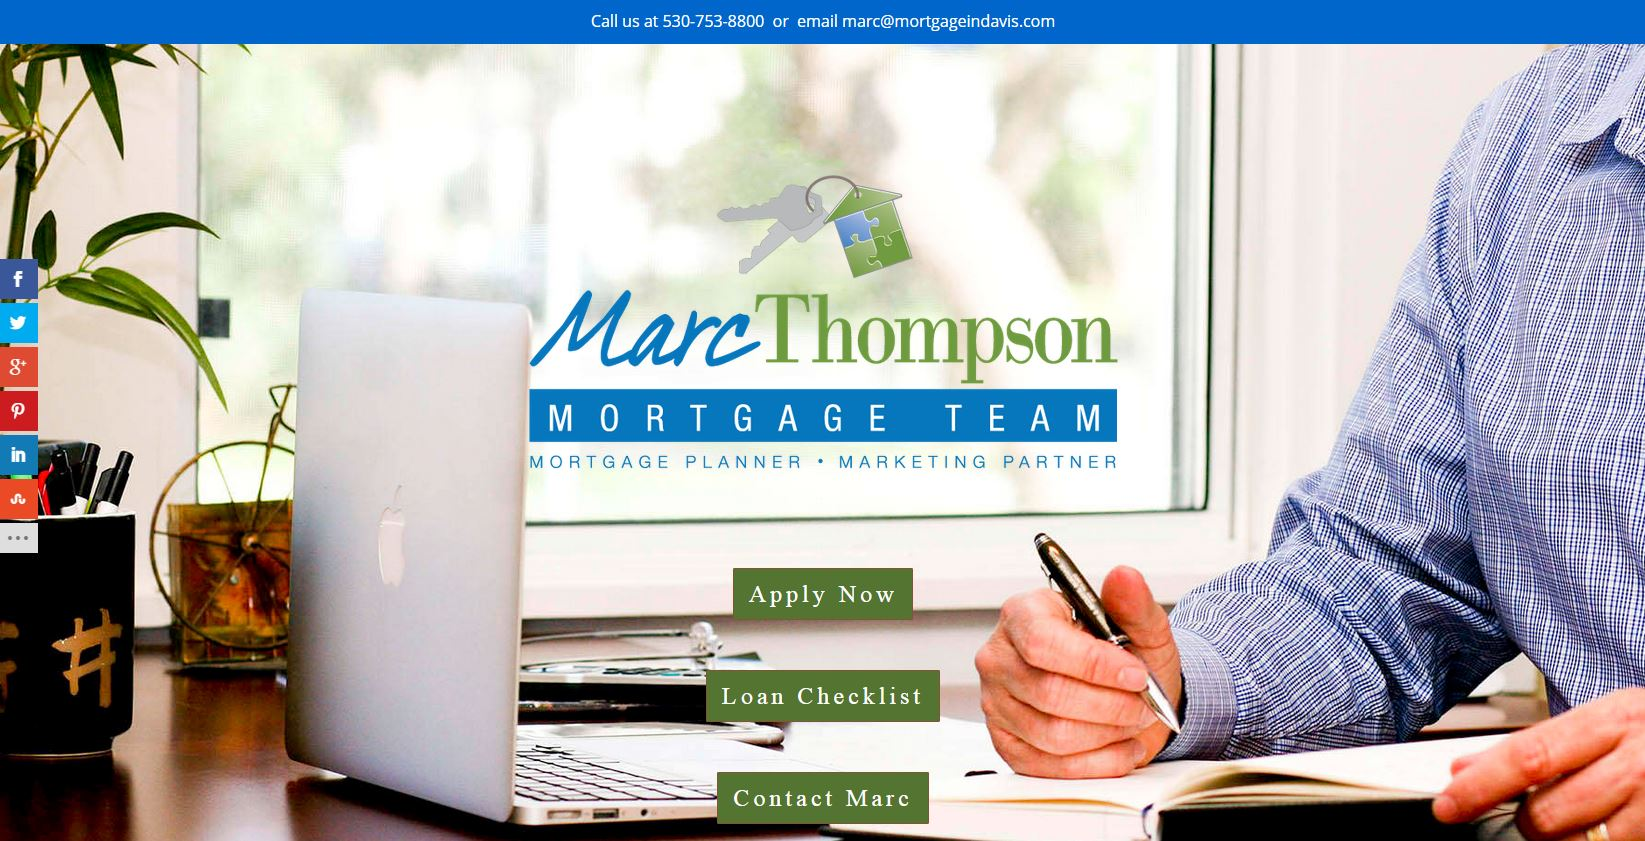 Screenshot of MortgageInDavis.com